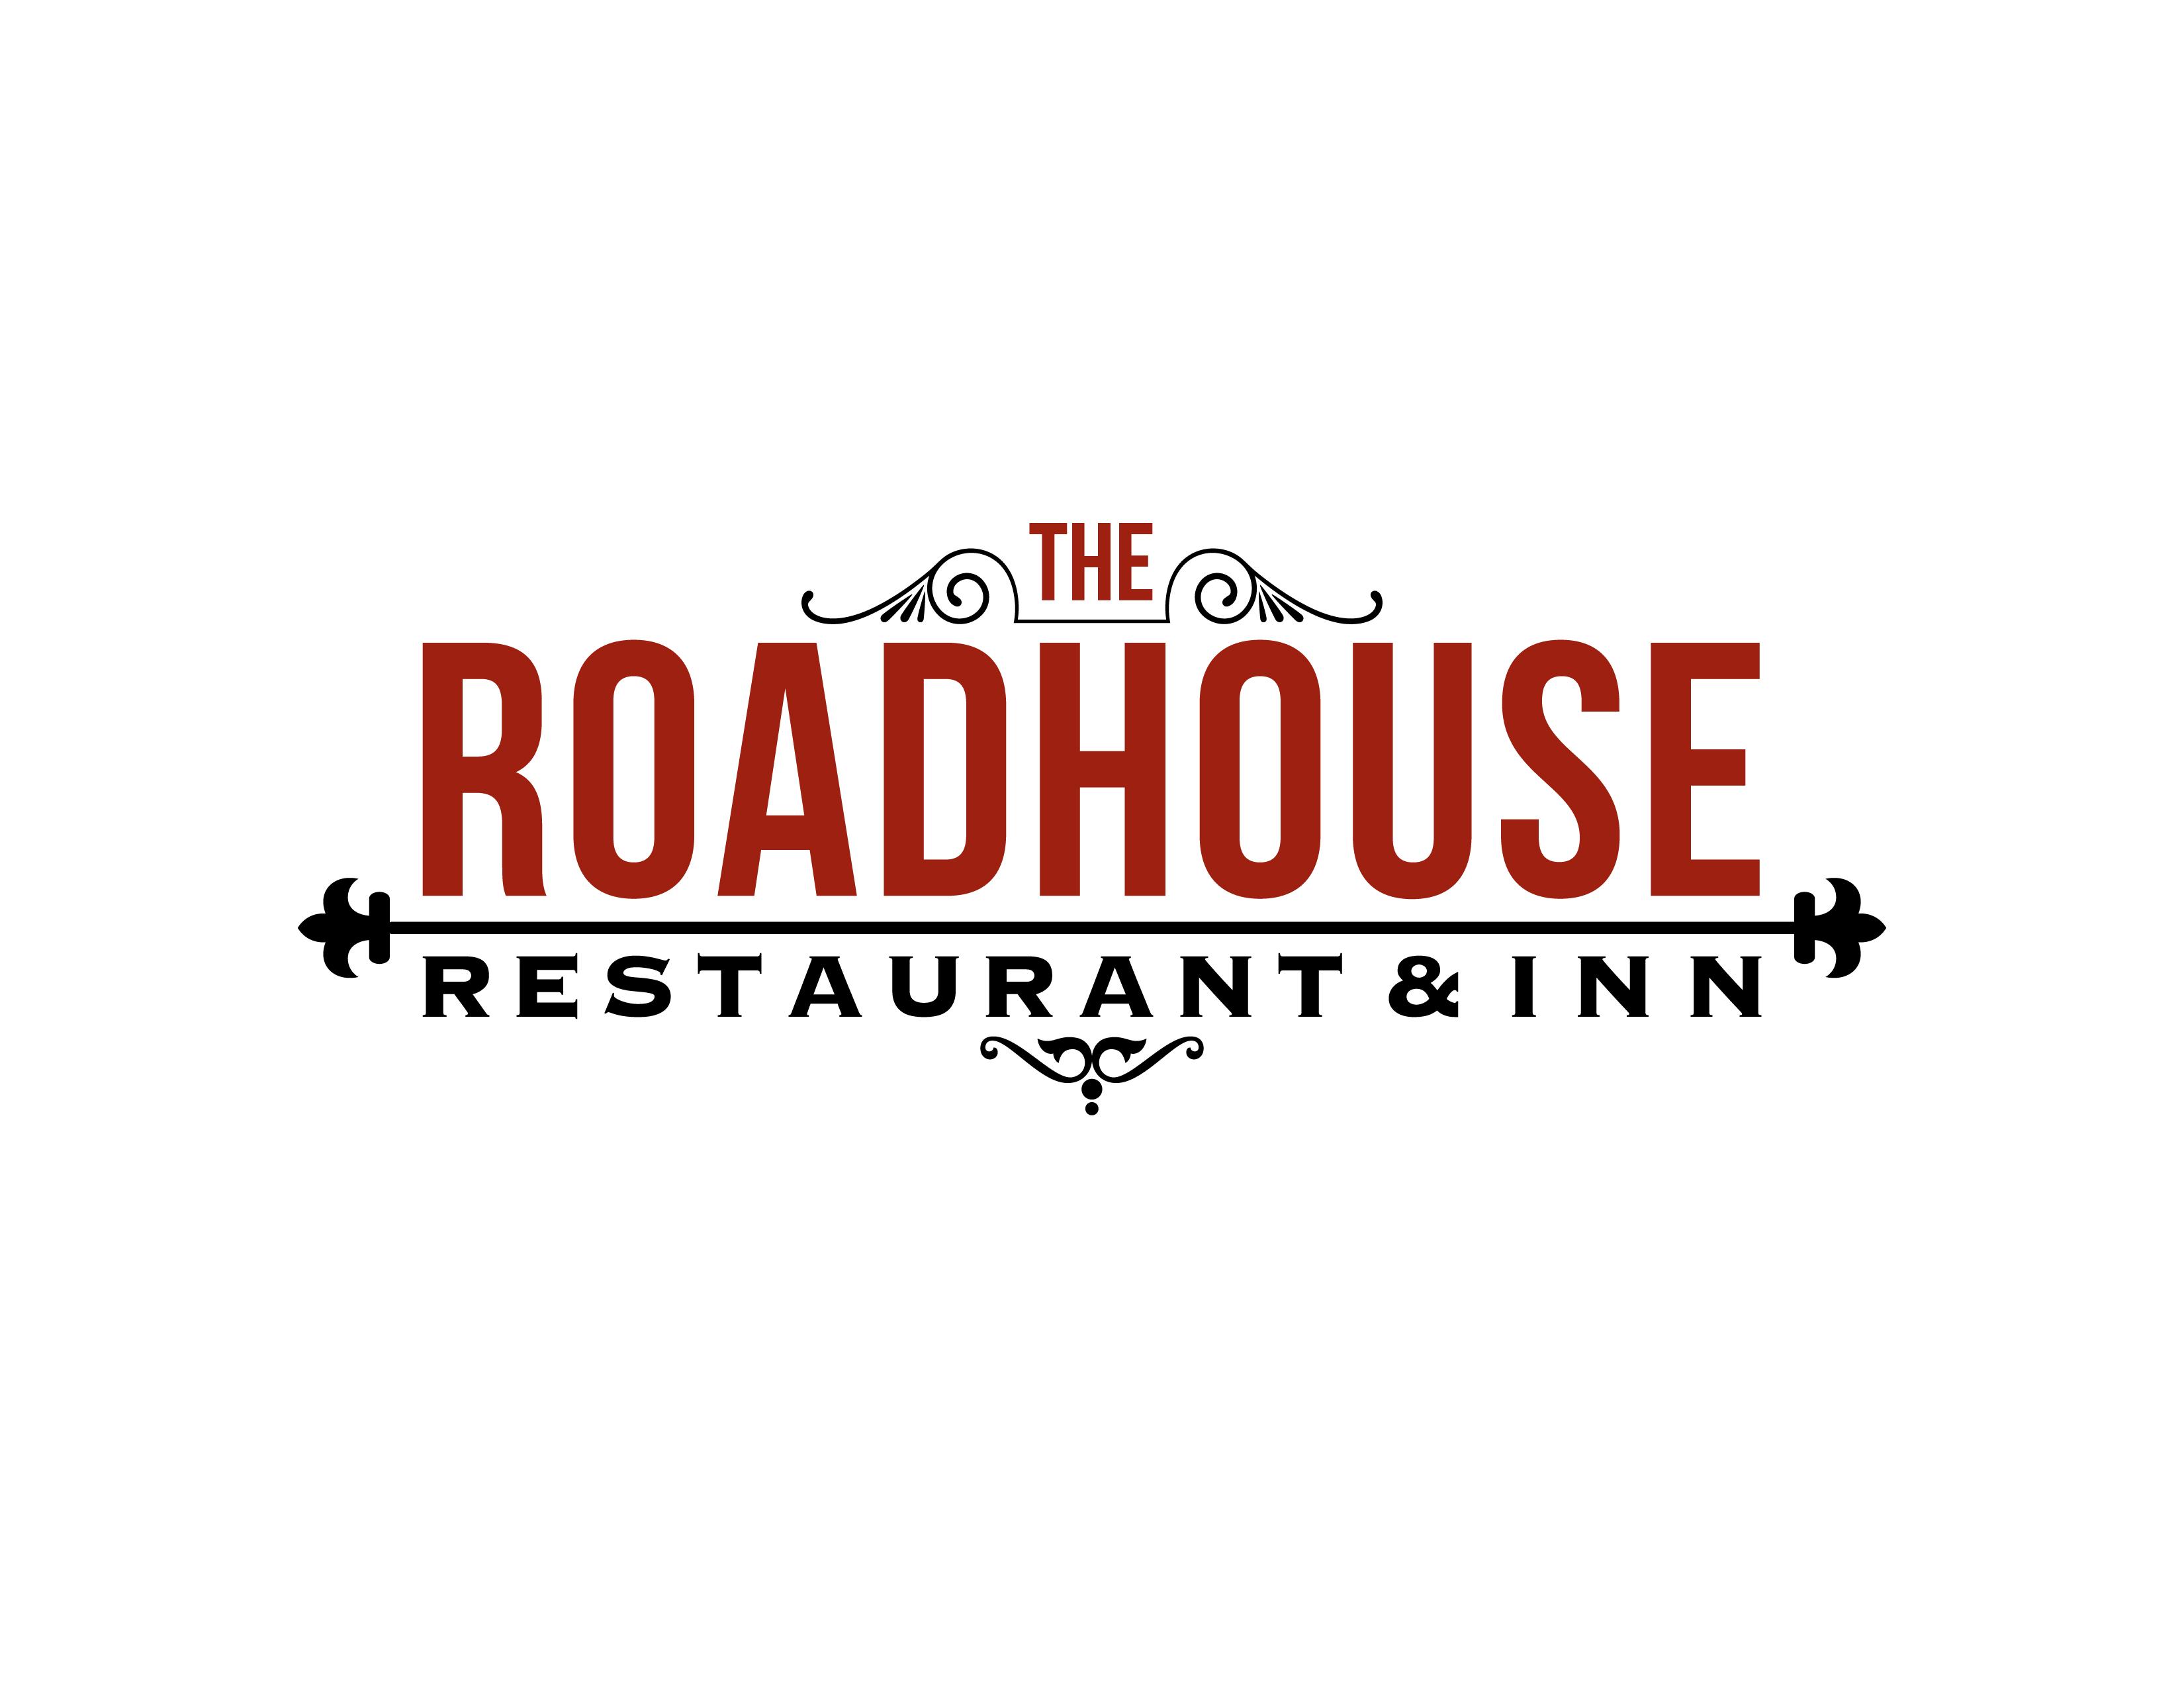 The Roadhouse Restaurant and Inn logo designed by Fingerprint Marketing